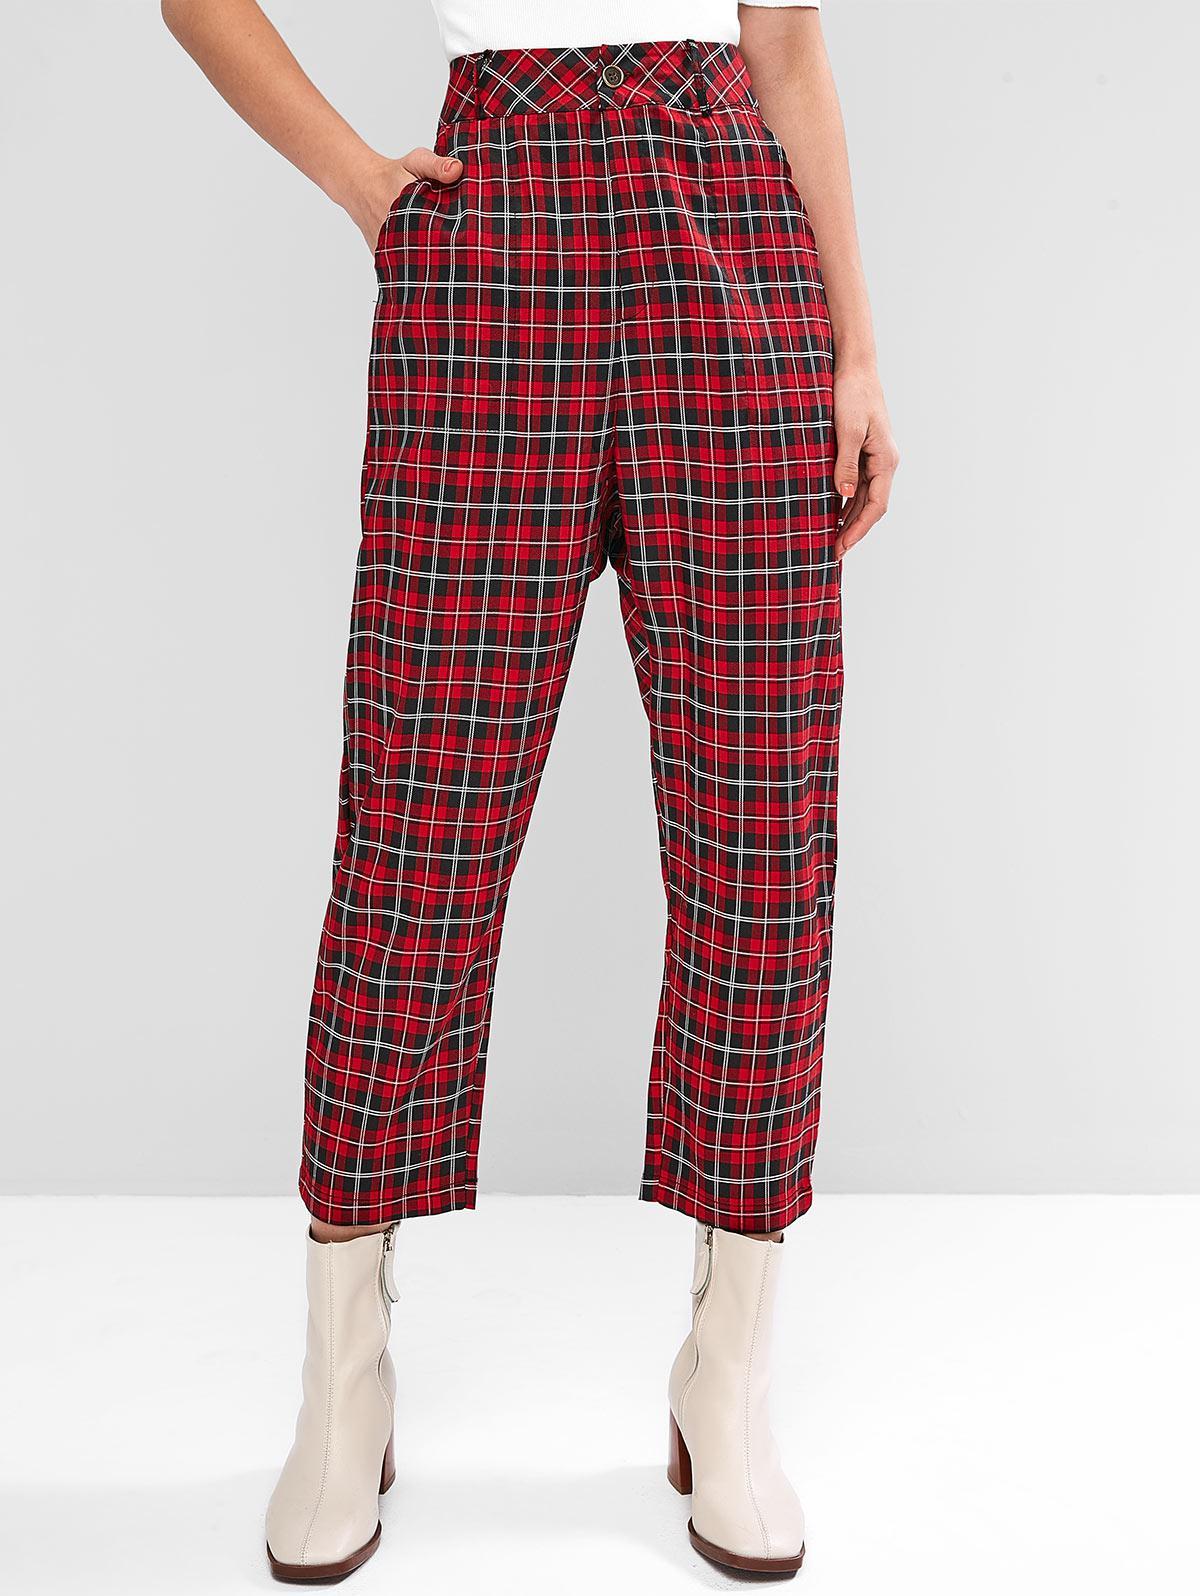 High Waisted Plaid Pants with Pockets